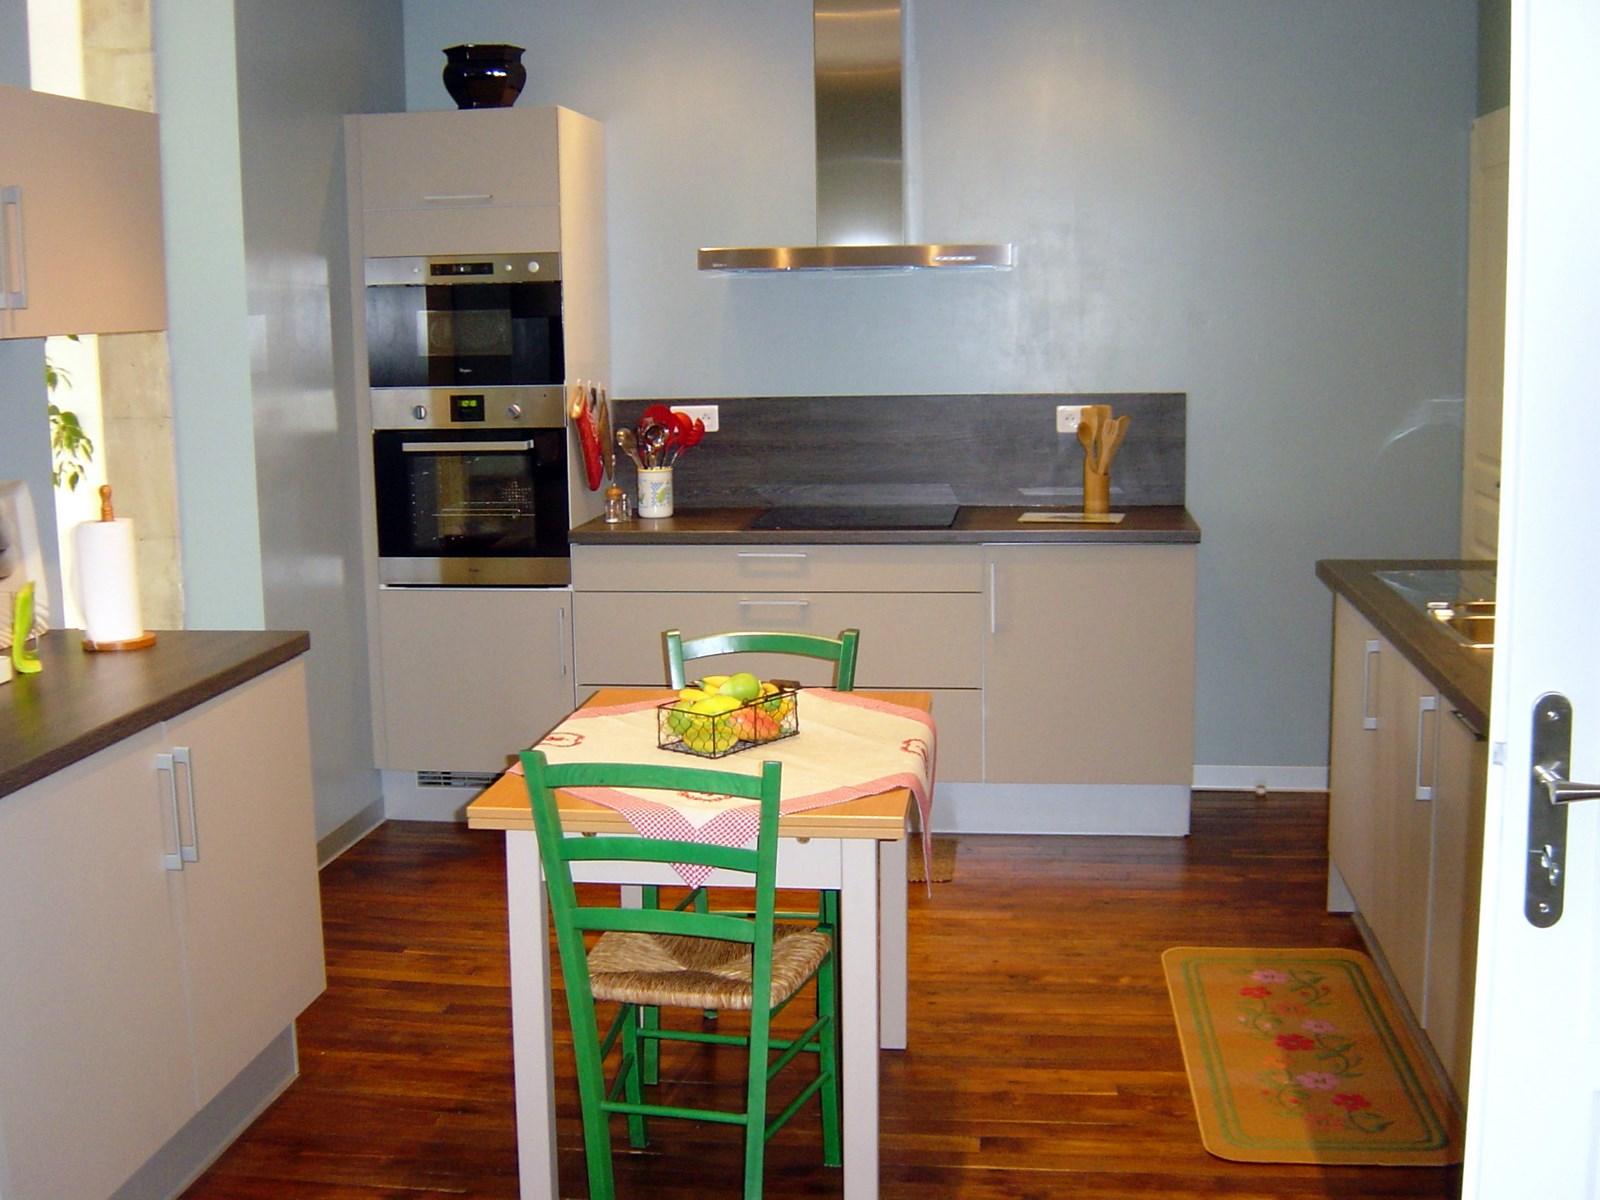 g te la forge entre meuse vosges et haute marne. Black Bedroom Furniture Sets. Home Design Ideas